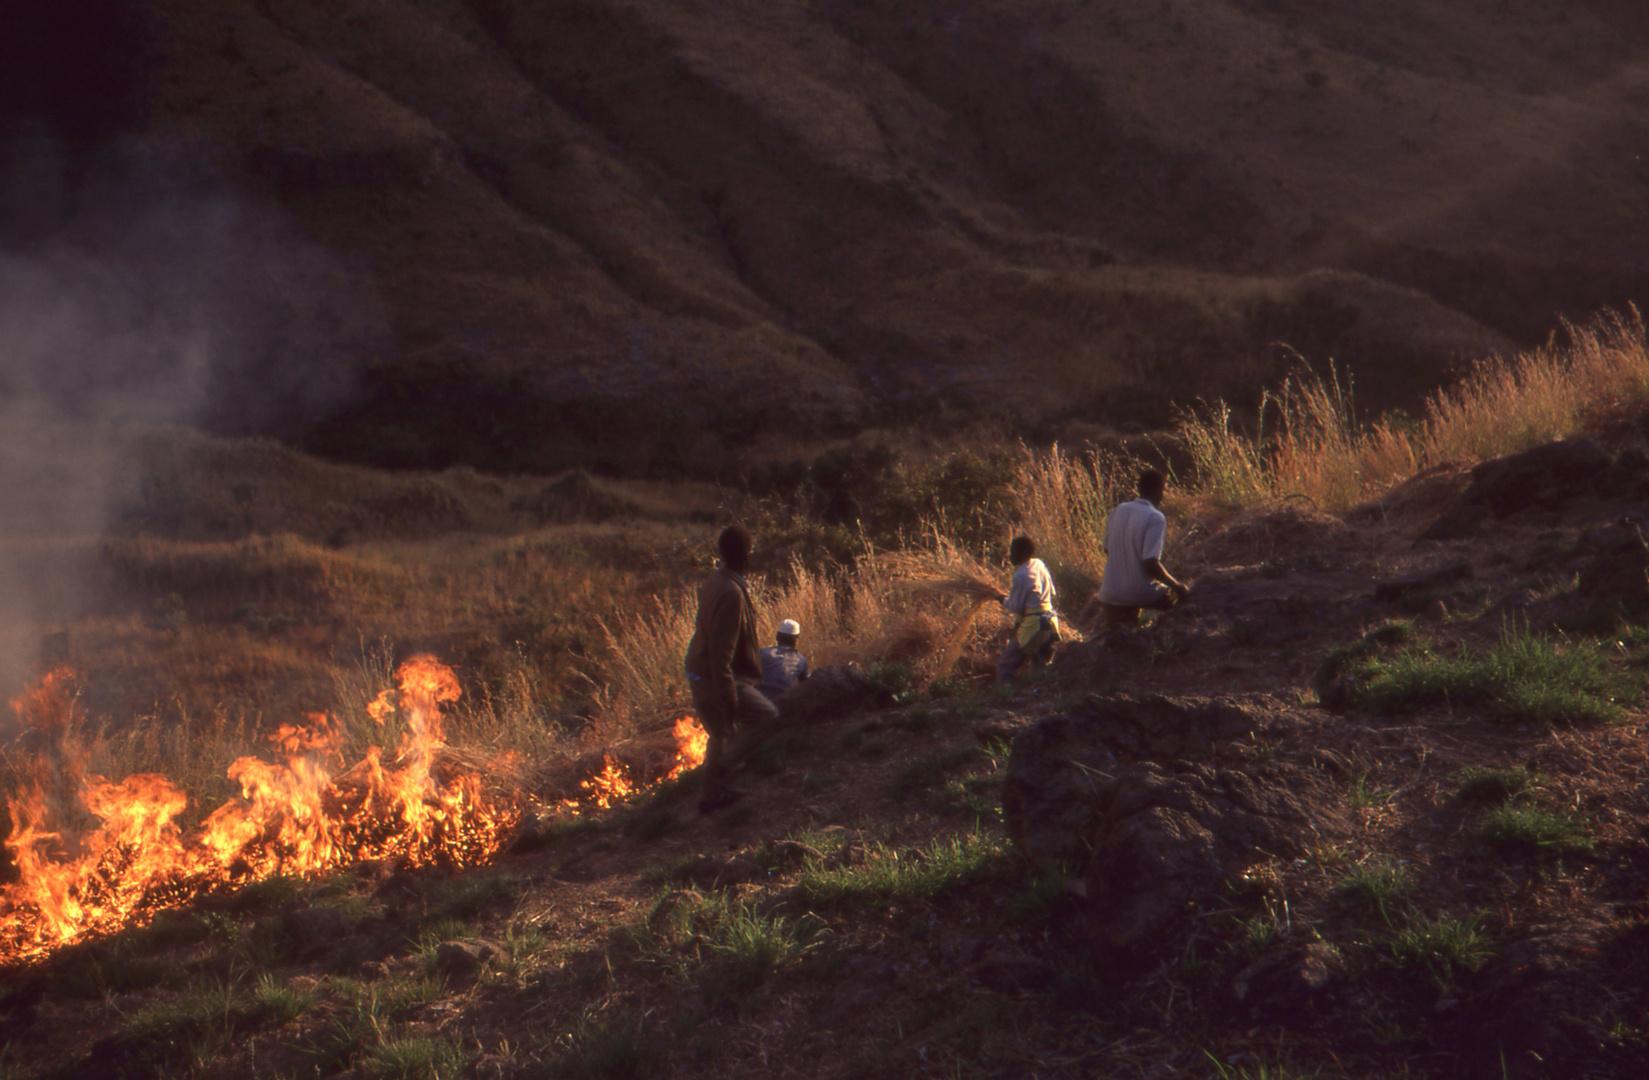 Fireline zum Schutz des Waldes - Westsudan/Provinz Dafur 1994